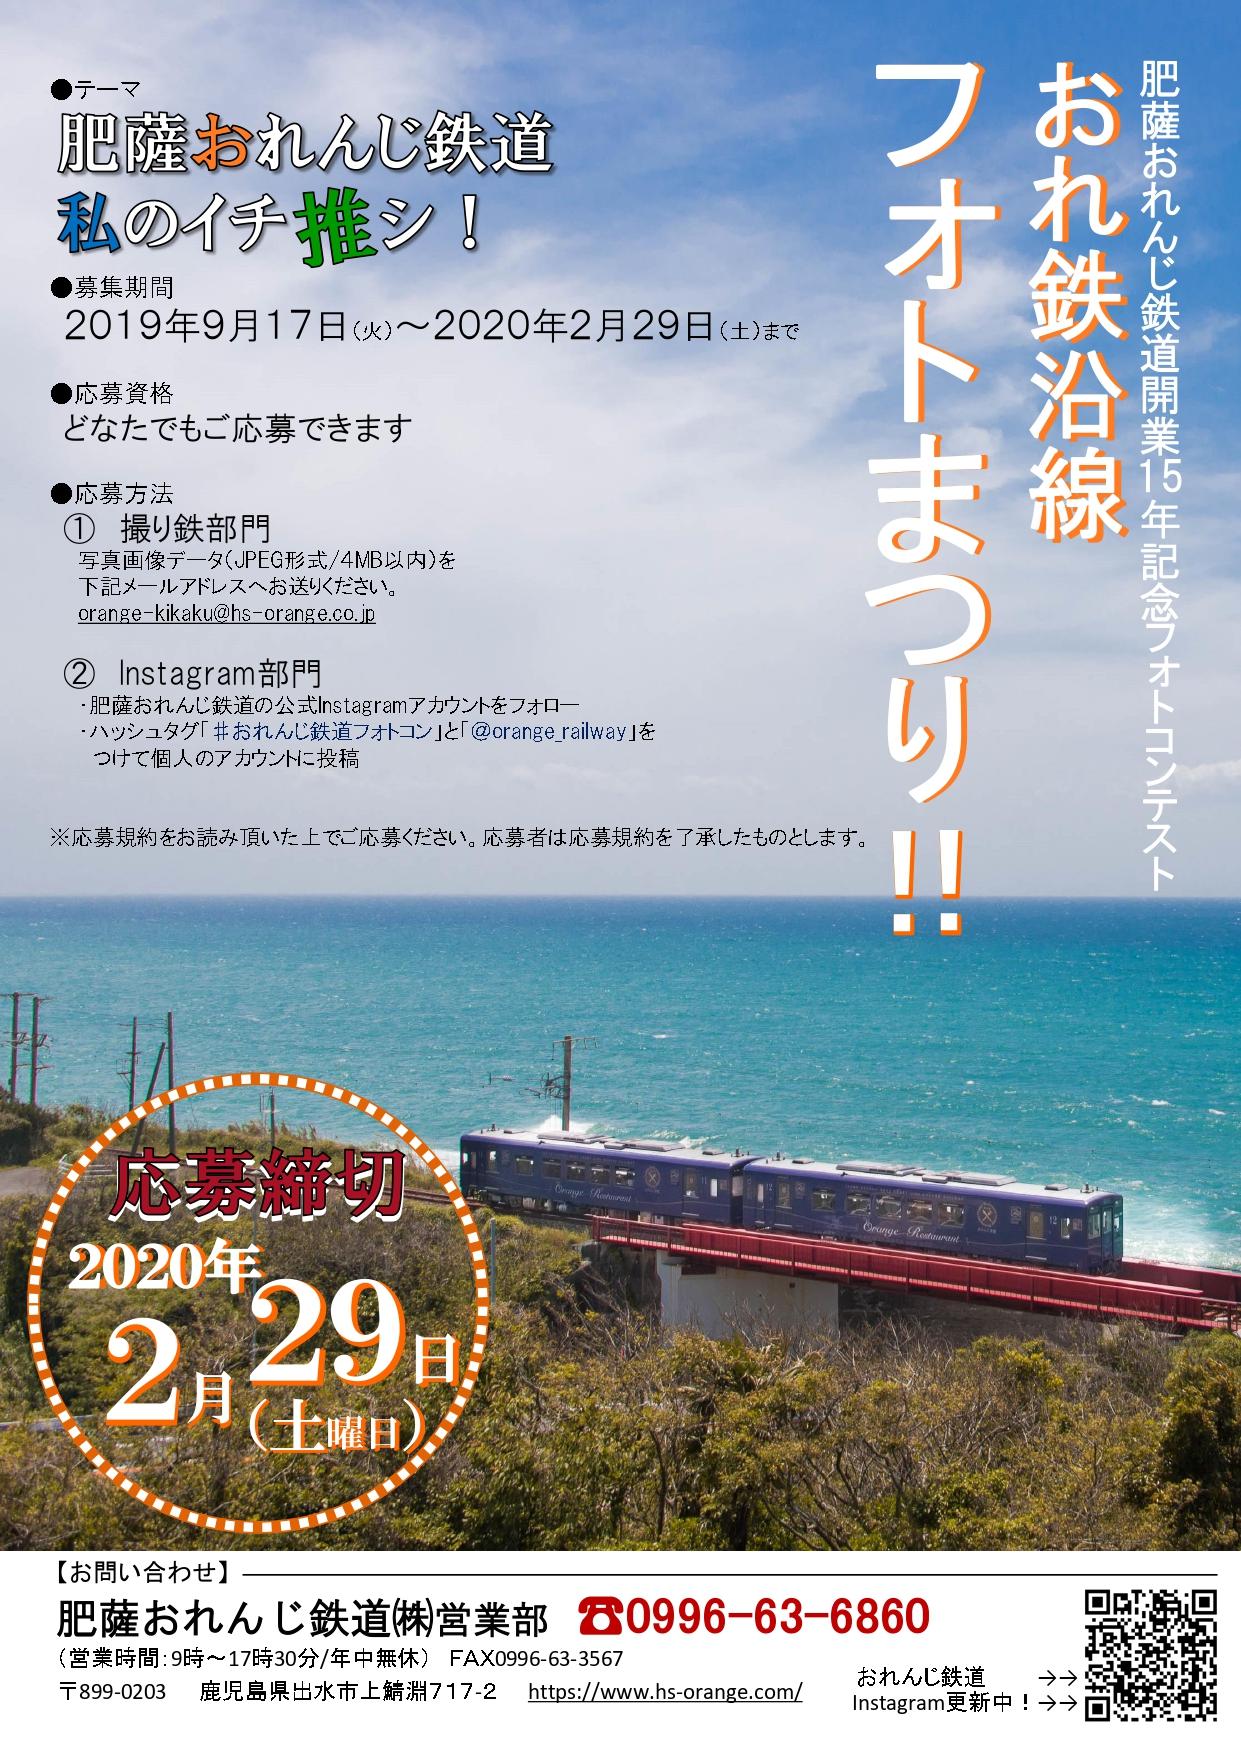 フォトコンテスト「おれ鉄沿線フォトまつり!!」